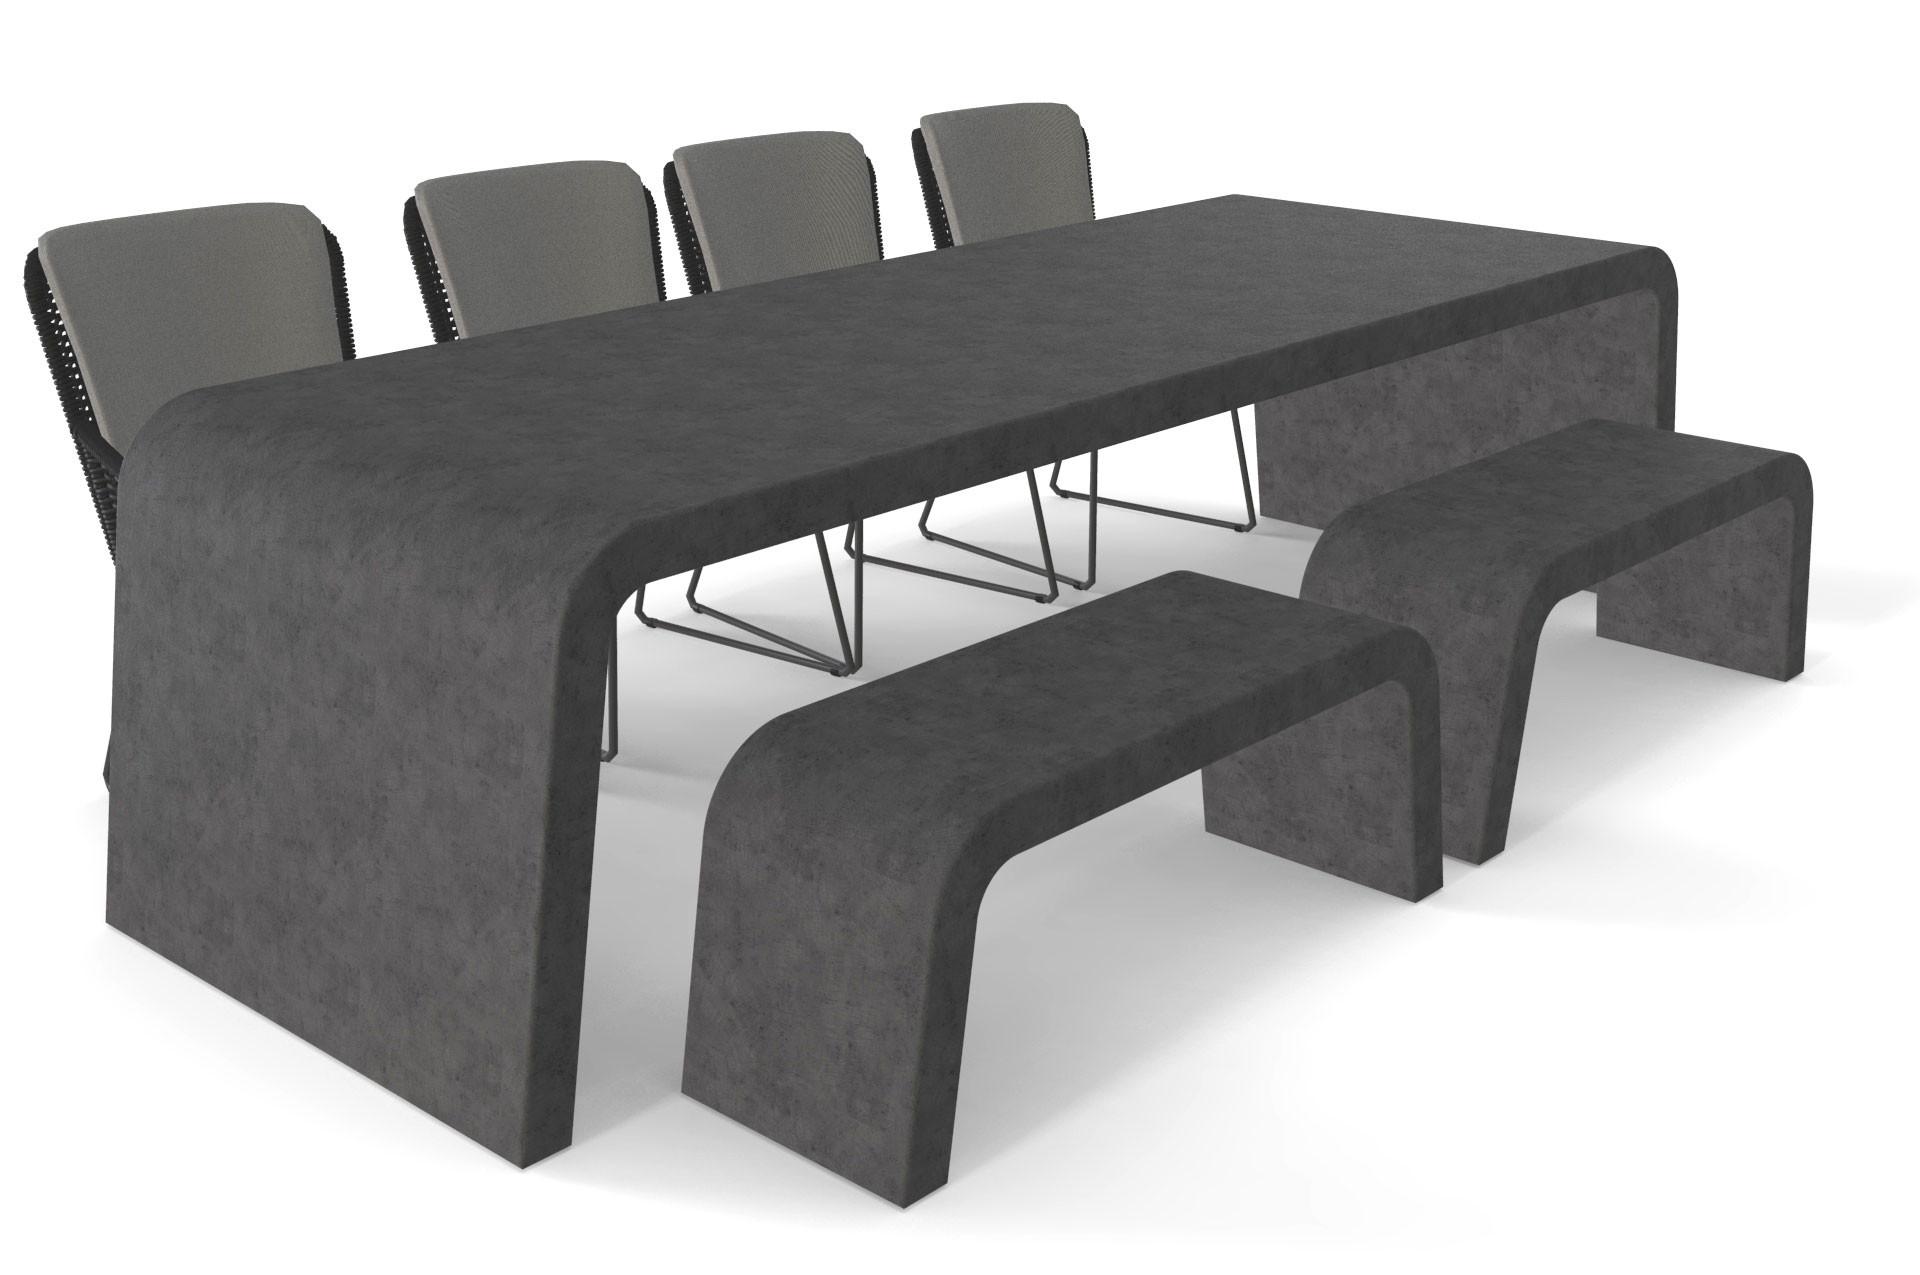 Betonlook tuintafel antraciet met twee banken en stoelen